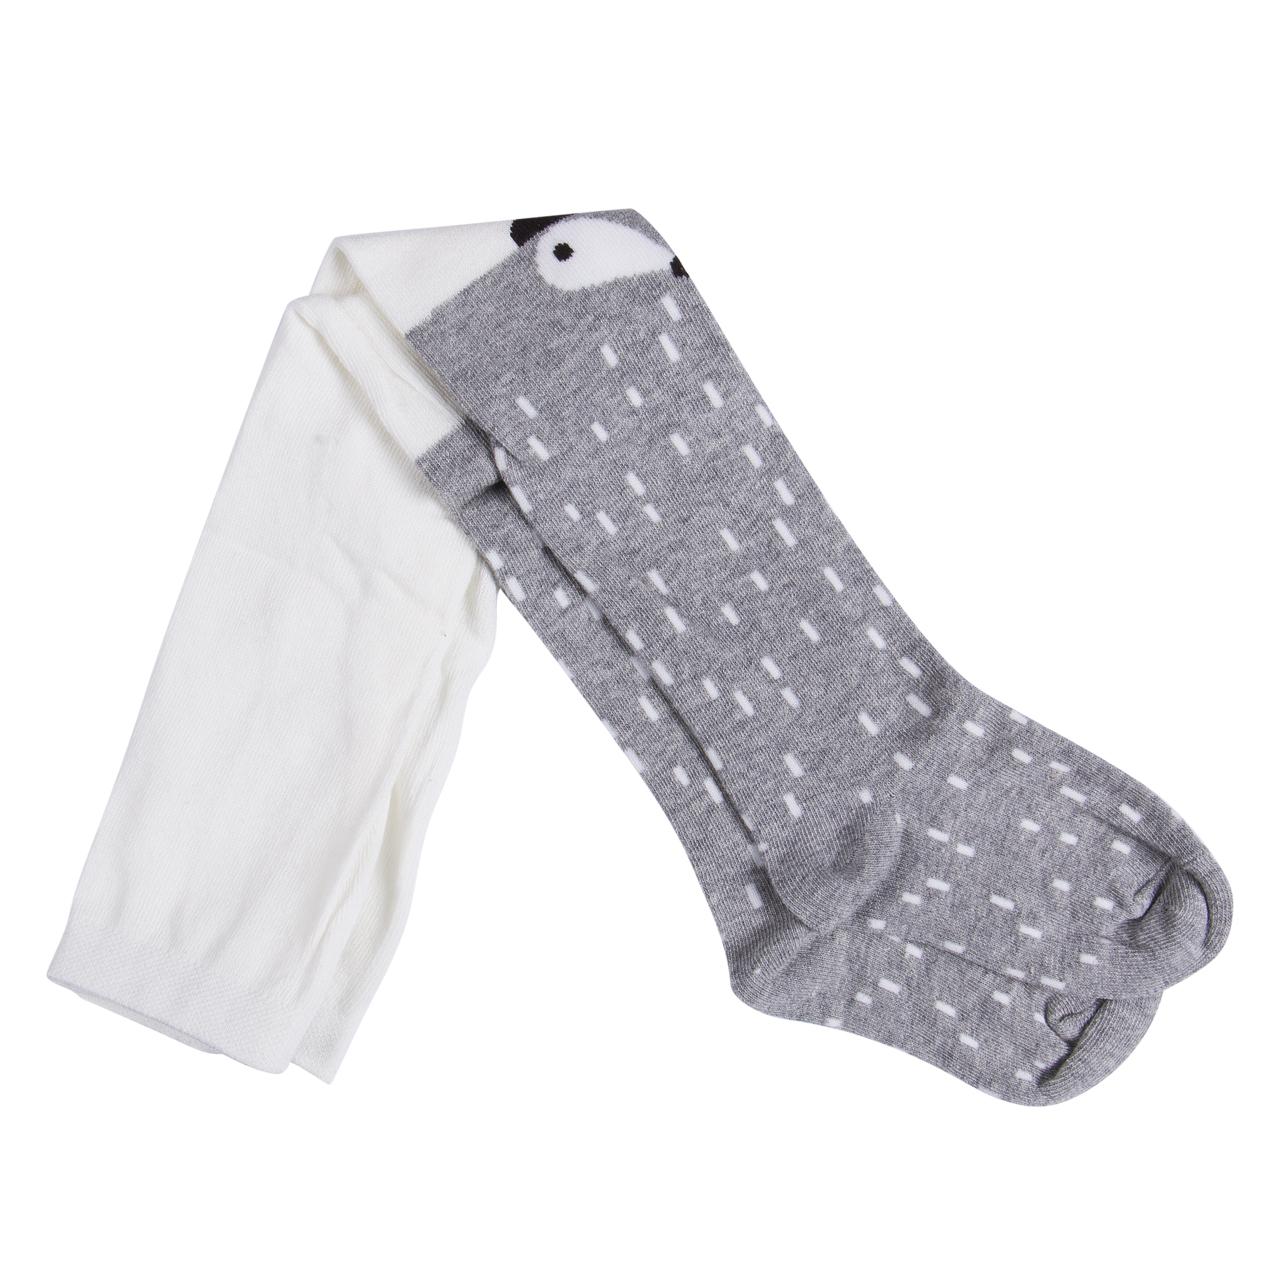 CANIS Серебряный Small cute baby kids girls cotton fox tights носки штаны штаны чулочно носочные изделия колготки